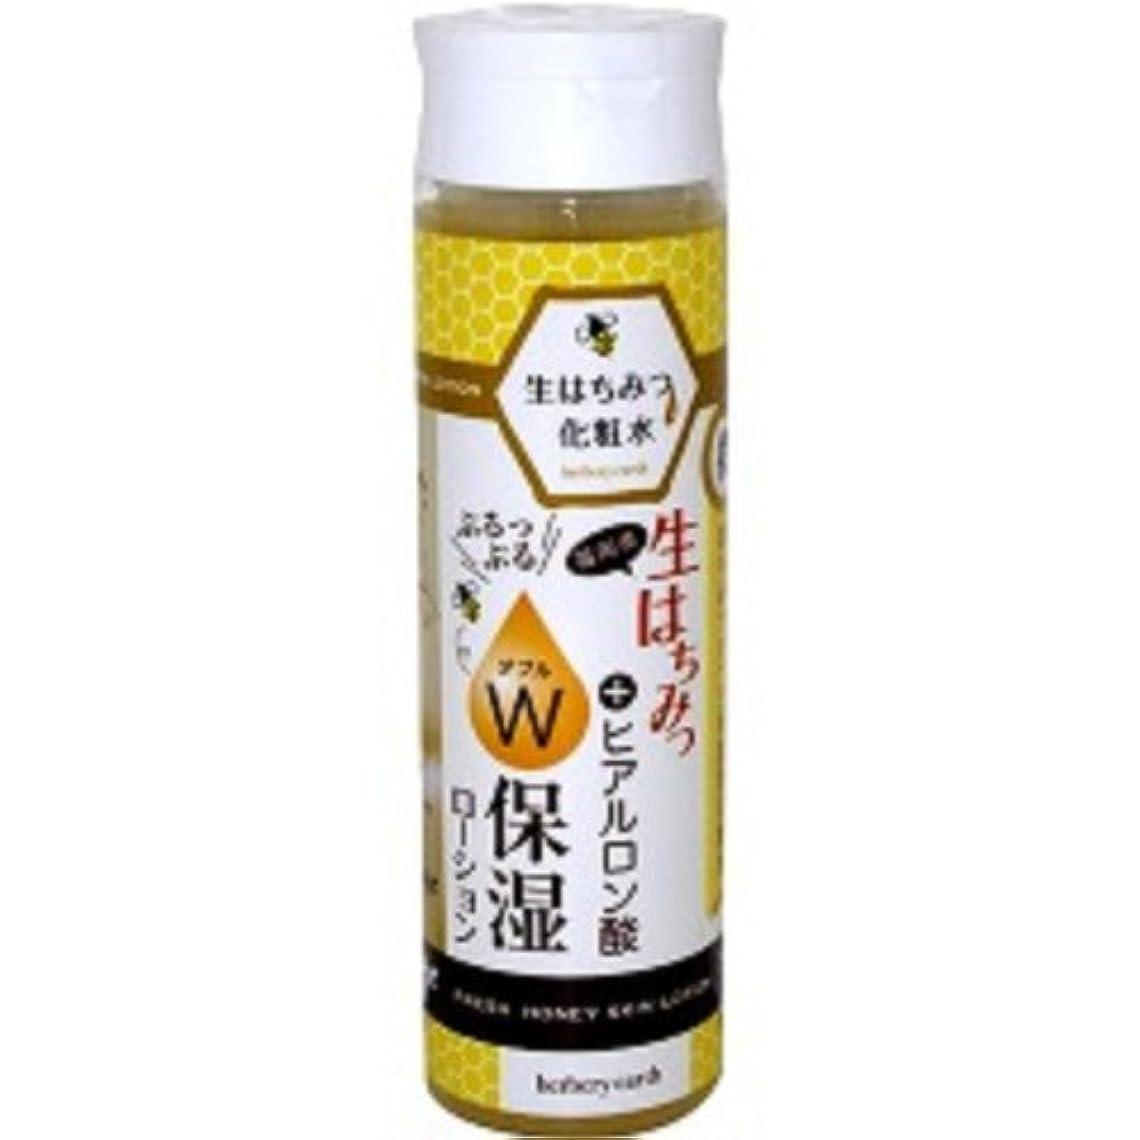 反抗かすかな考案する生はちみつ化粧水 W保湿スキンローション